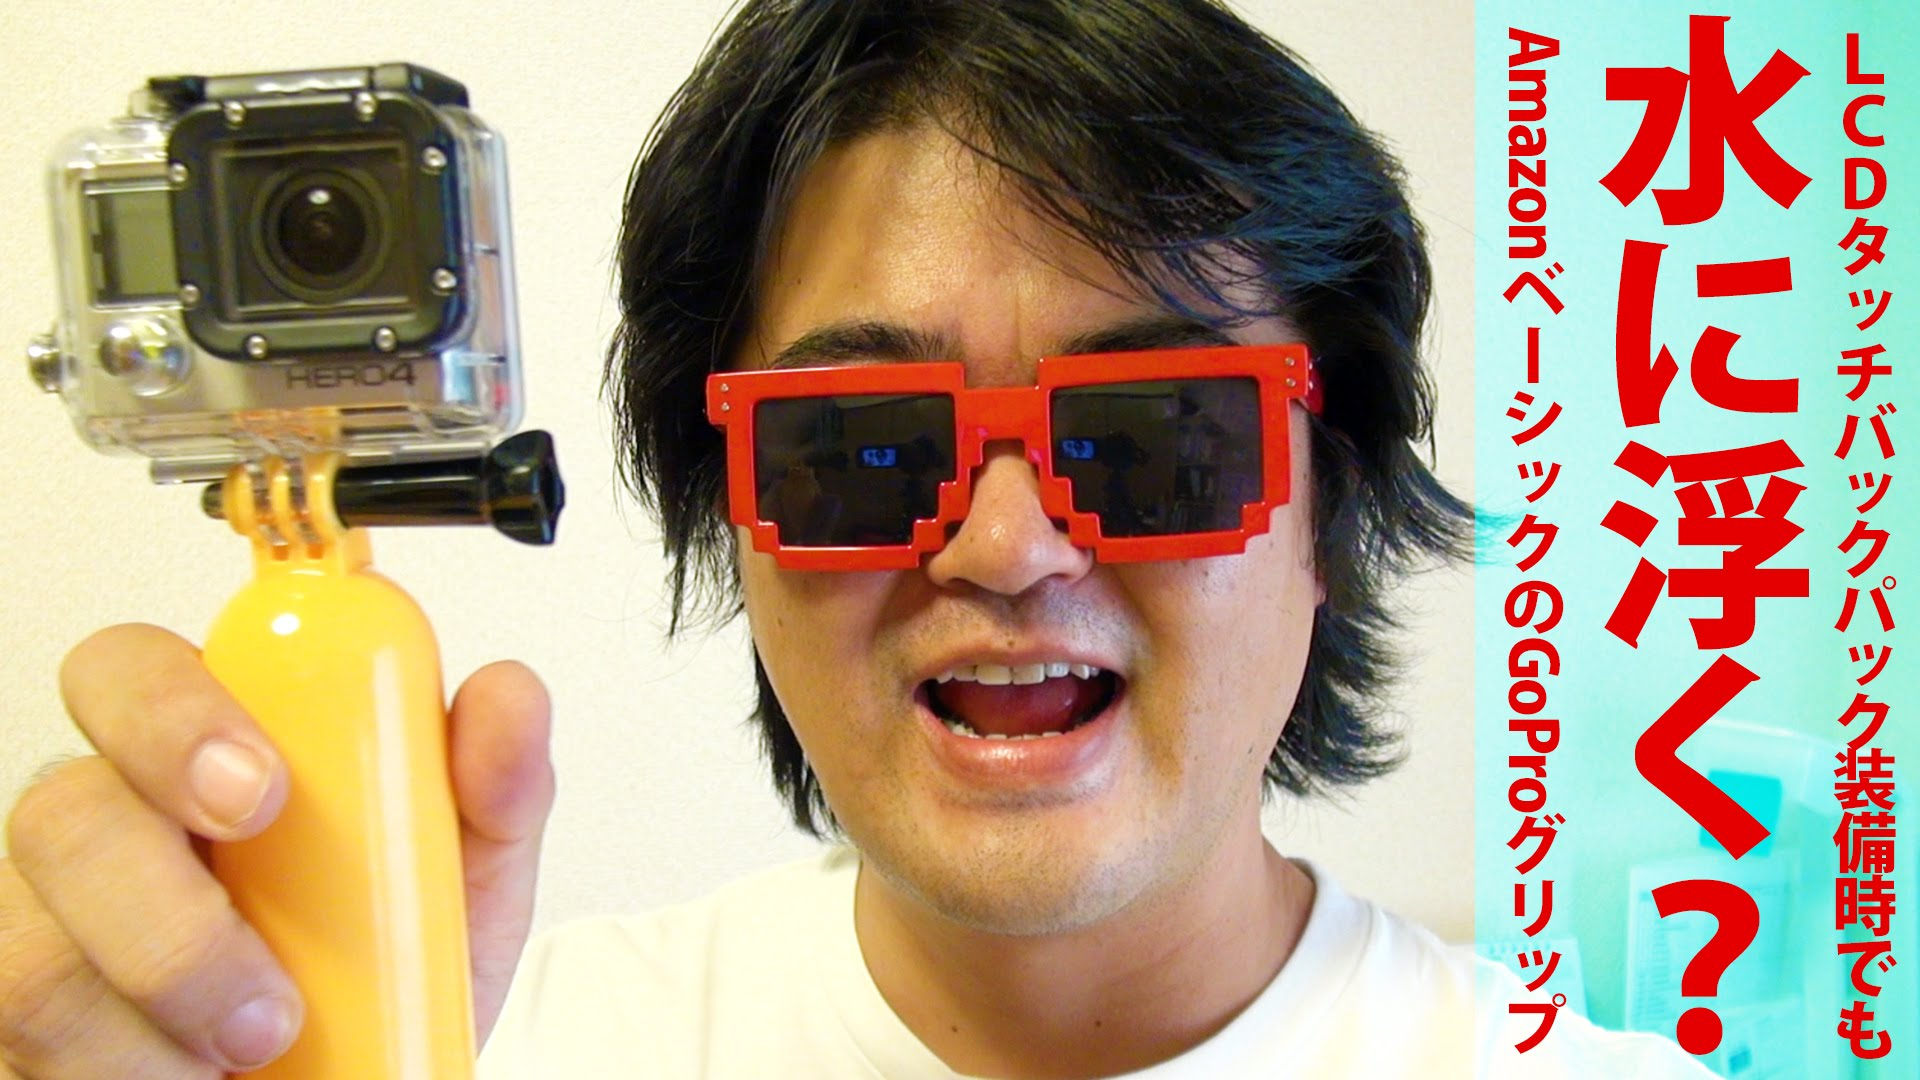 検証!GoPro用フローティング・グリップは水に浮く?タッチ液晶LCDバックパック装着でAmazonベーシックの製品を試してみた